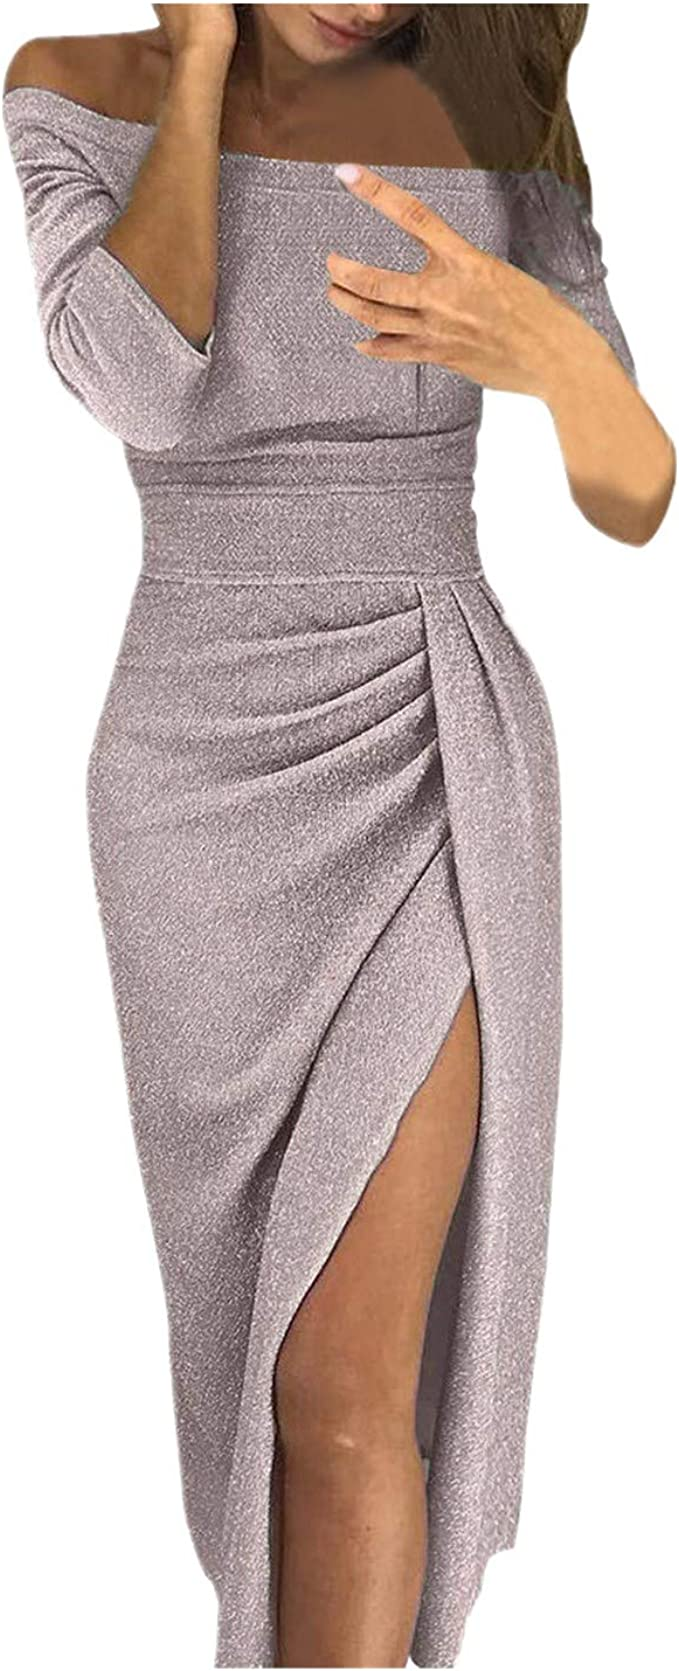 Fiyote Damen Abendkeider Hochzeit Festlich Kleider Cocktailkleider Mit Schlitz Maxikleider Glanzend Partykleider 3 Farbe S M L Xl Bekleidung Kleider Spartan Accesorios Net